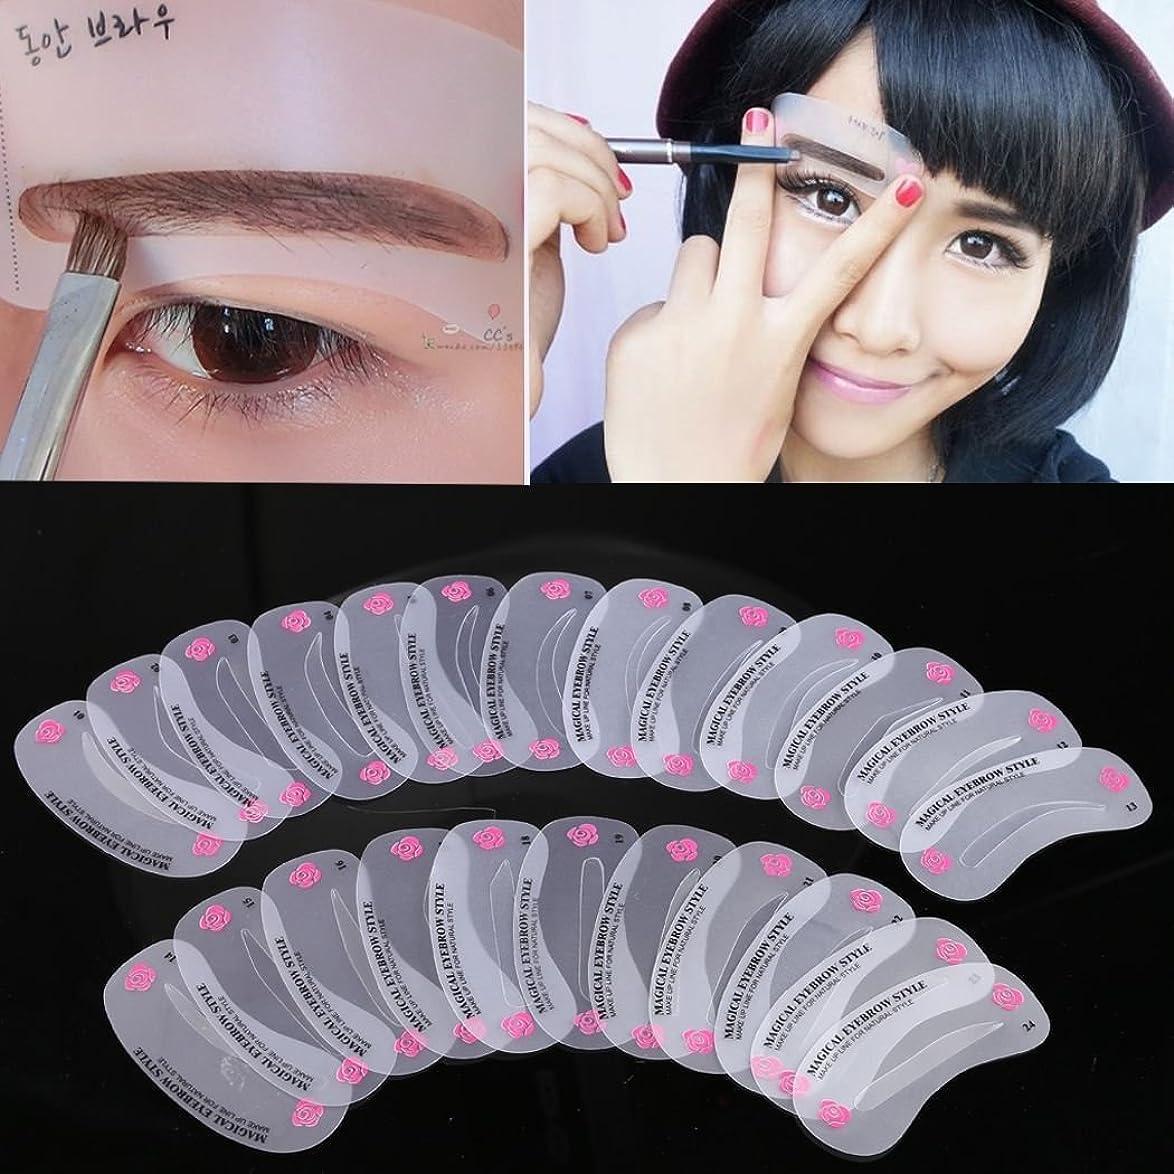 ロースト制裁技術者24種類の眉毛のスタイルは、グルーミングステンシルを設定するメイクアップシェイプキット眉毛